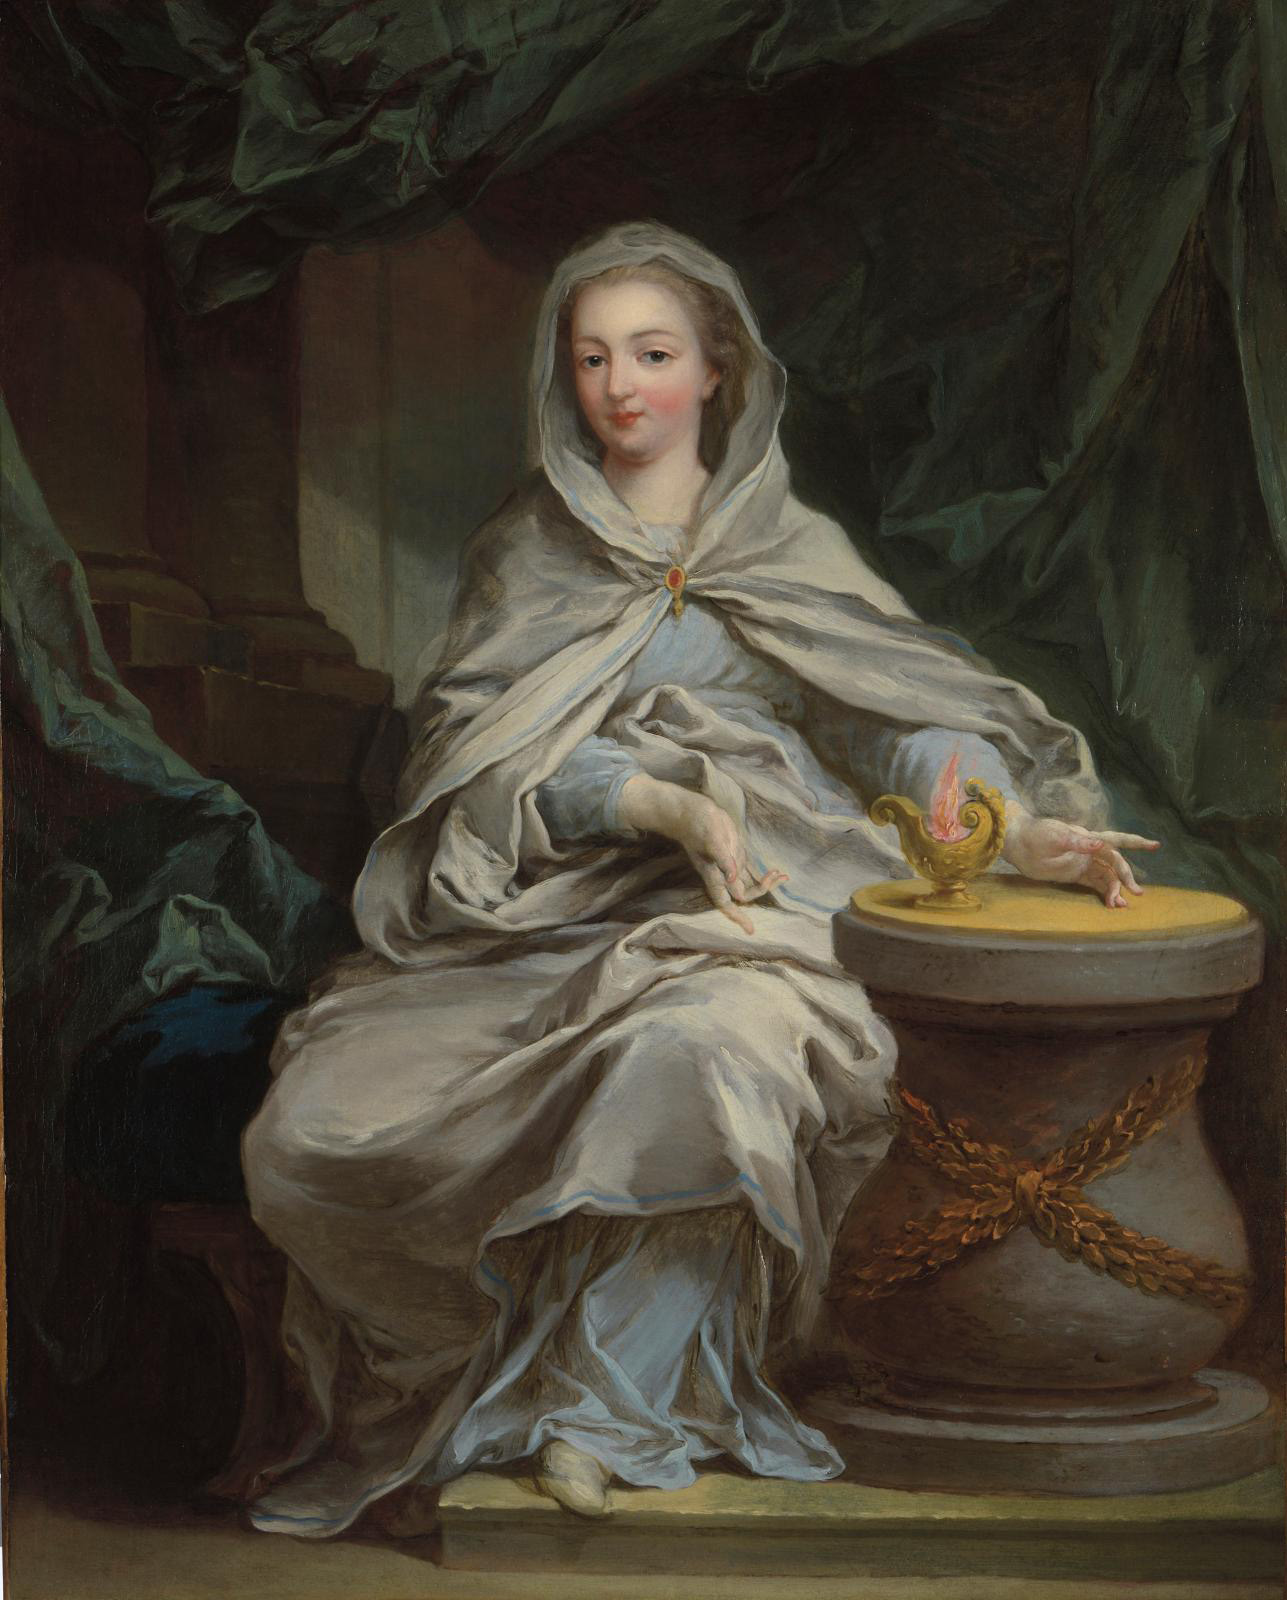 Charles Amédée Philippe Van Loo (1717-1795), Portrait de femme en vestale (Portrait of a Woman as a Vestal). Sold at Fine Arts Paris online. Courtesy Antoine Tarantino, Fine Arts Paris